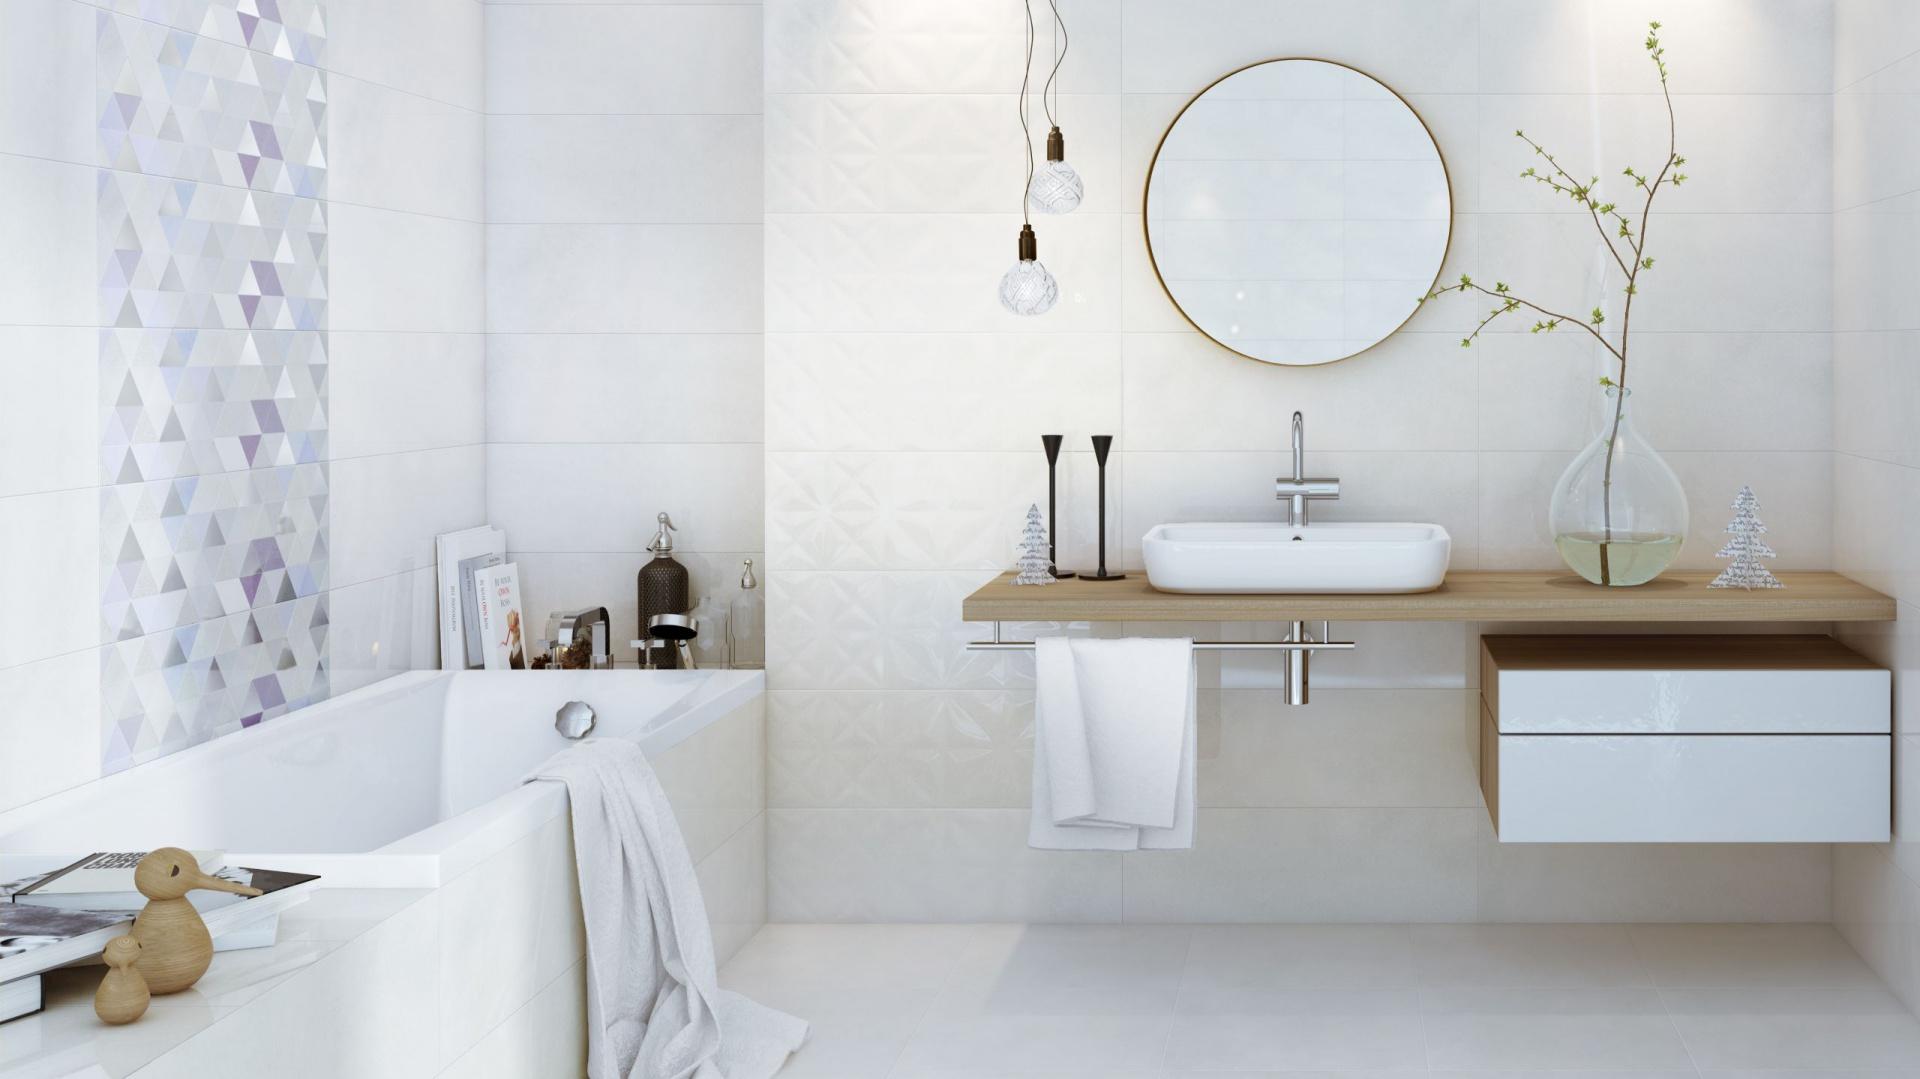 Marka Opoczno Proponuje Białe Płytki Do łazienki 15